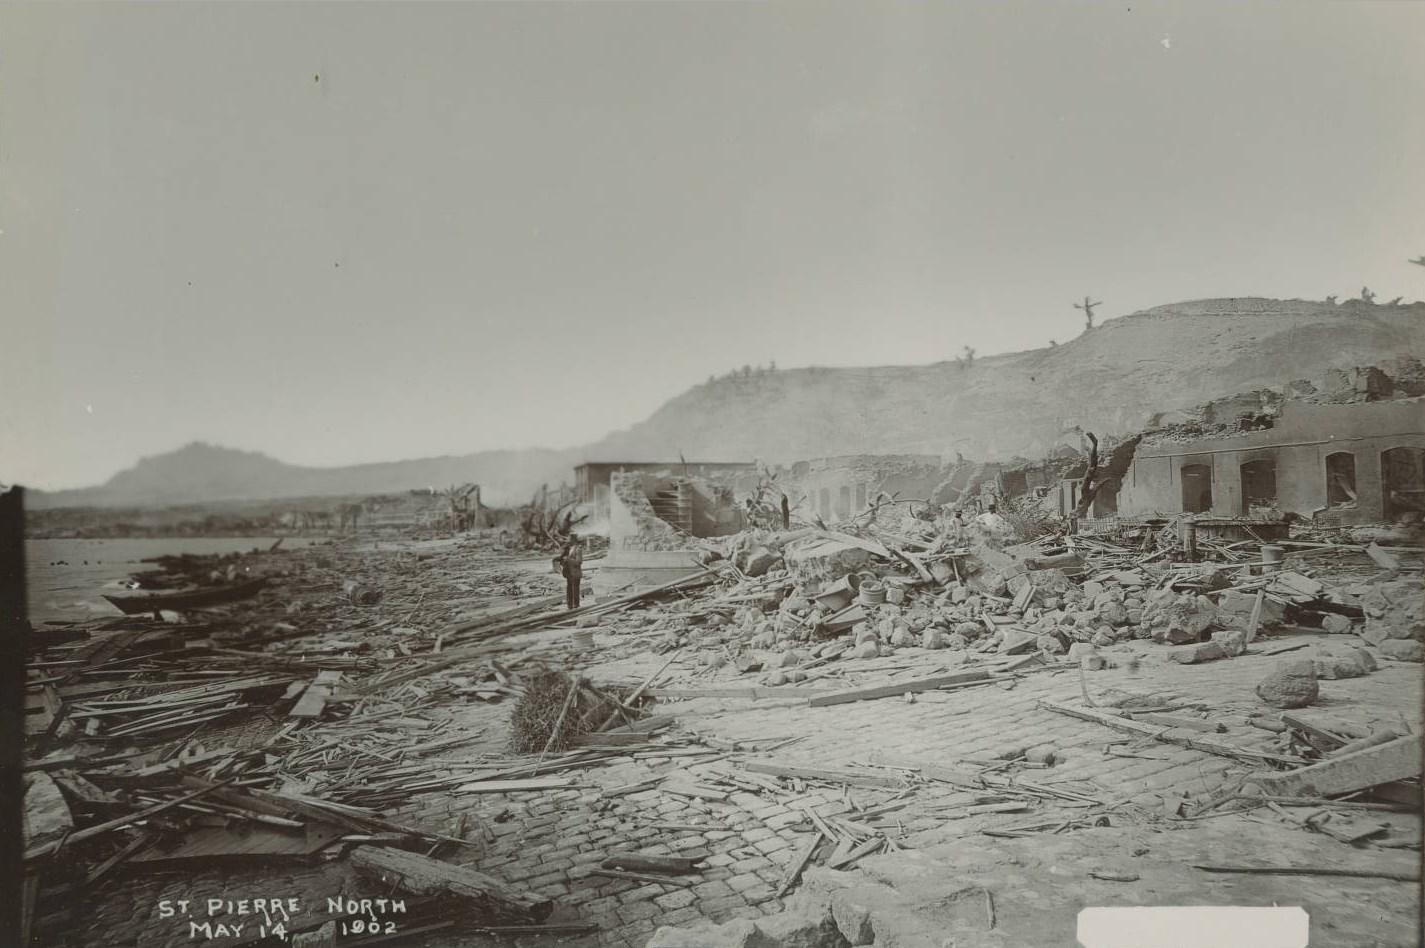 Сен-Пьер, северная часть. 14 мая 1902